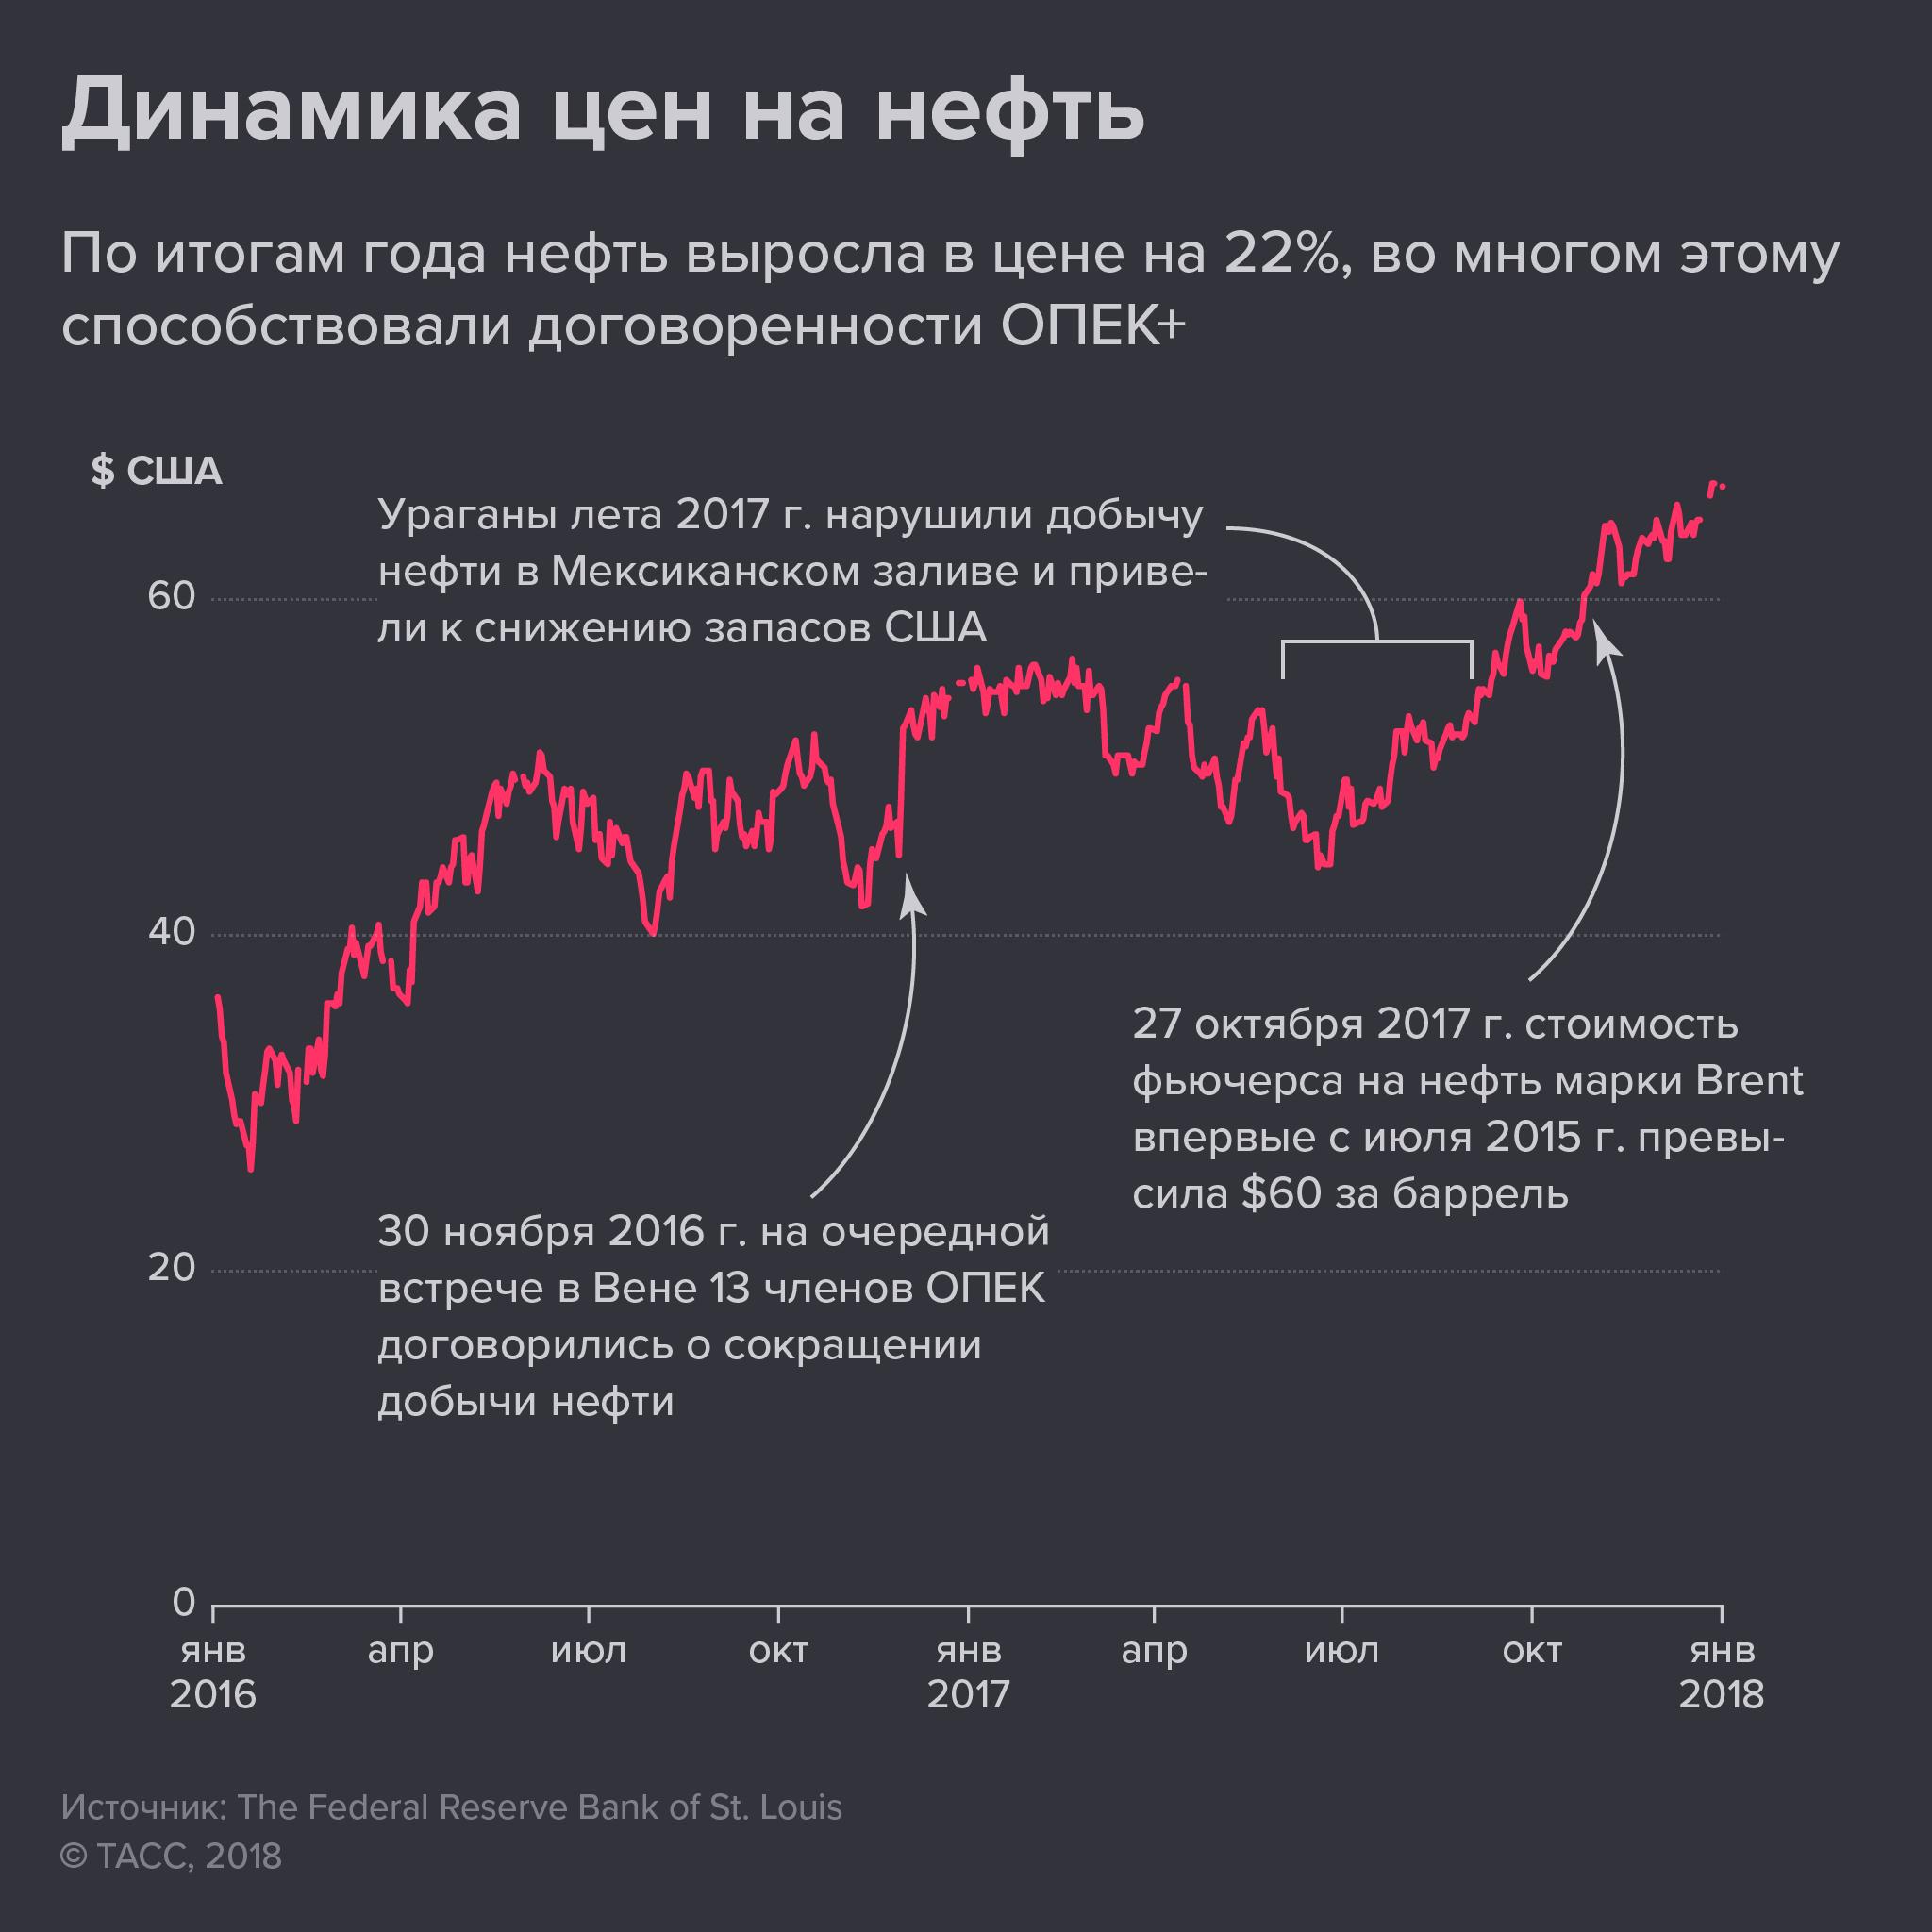 Как менялась цена на нефть в 2017 году